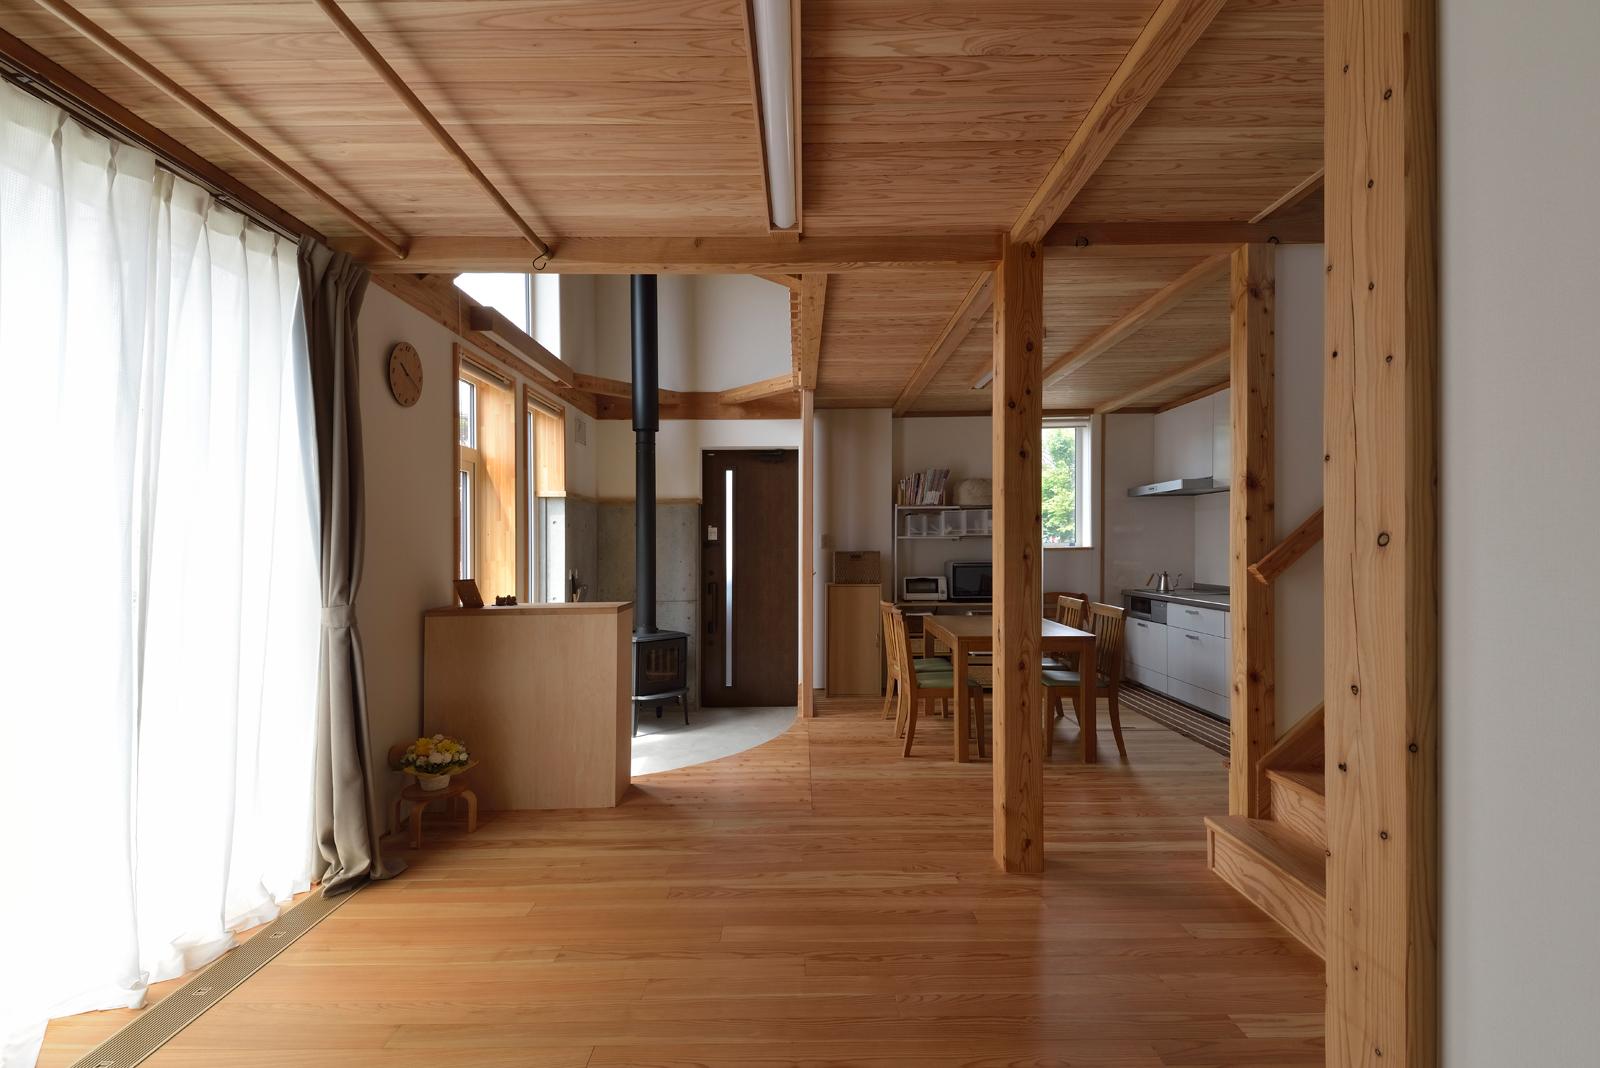 ワンルーム式の開放的なLDK。リビングは予備室も兼ねている。取り外し可能な間仕切り扉を使えば、客間に早変わり。専用の扉収納スペースが設けられているので、普段はすっきりとした空間を保つことができる